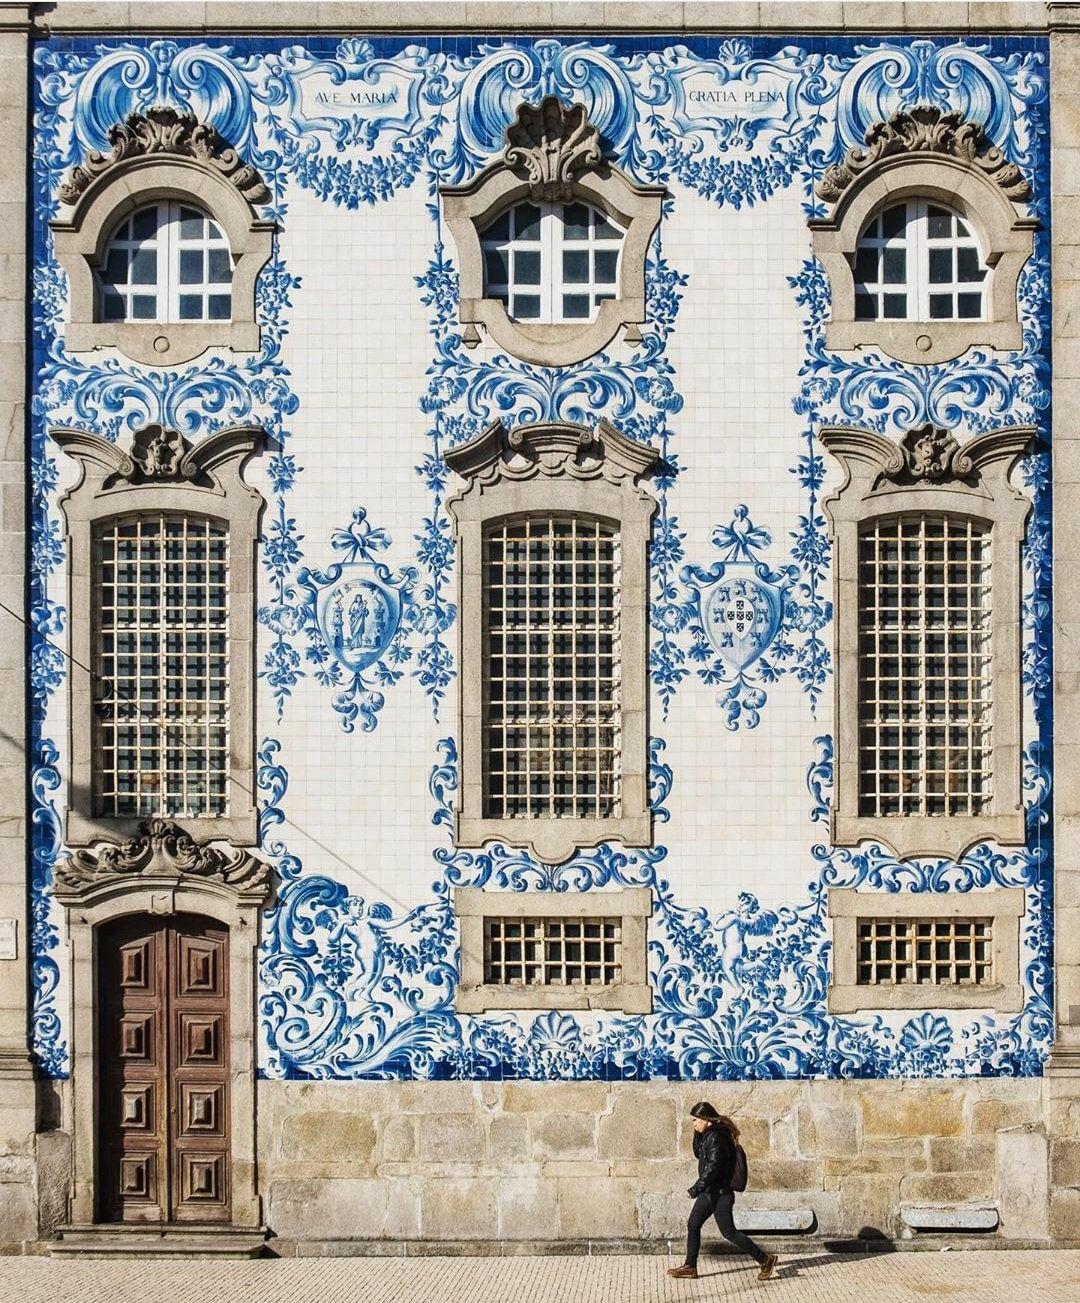 """Veranda Magazine on Instagram: """"Blue and white inspiration from the Igreja do Carmo in Porto ..."""